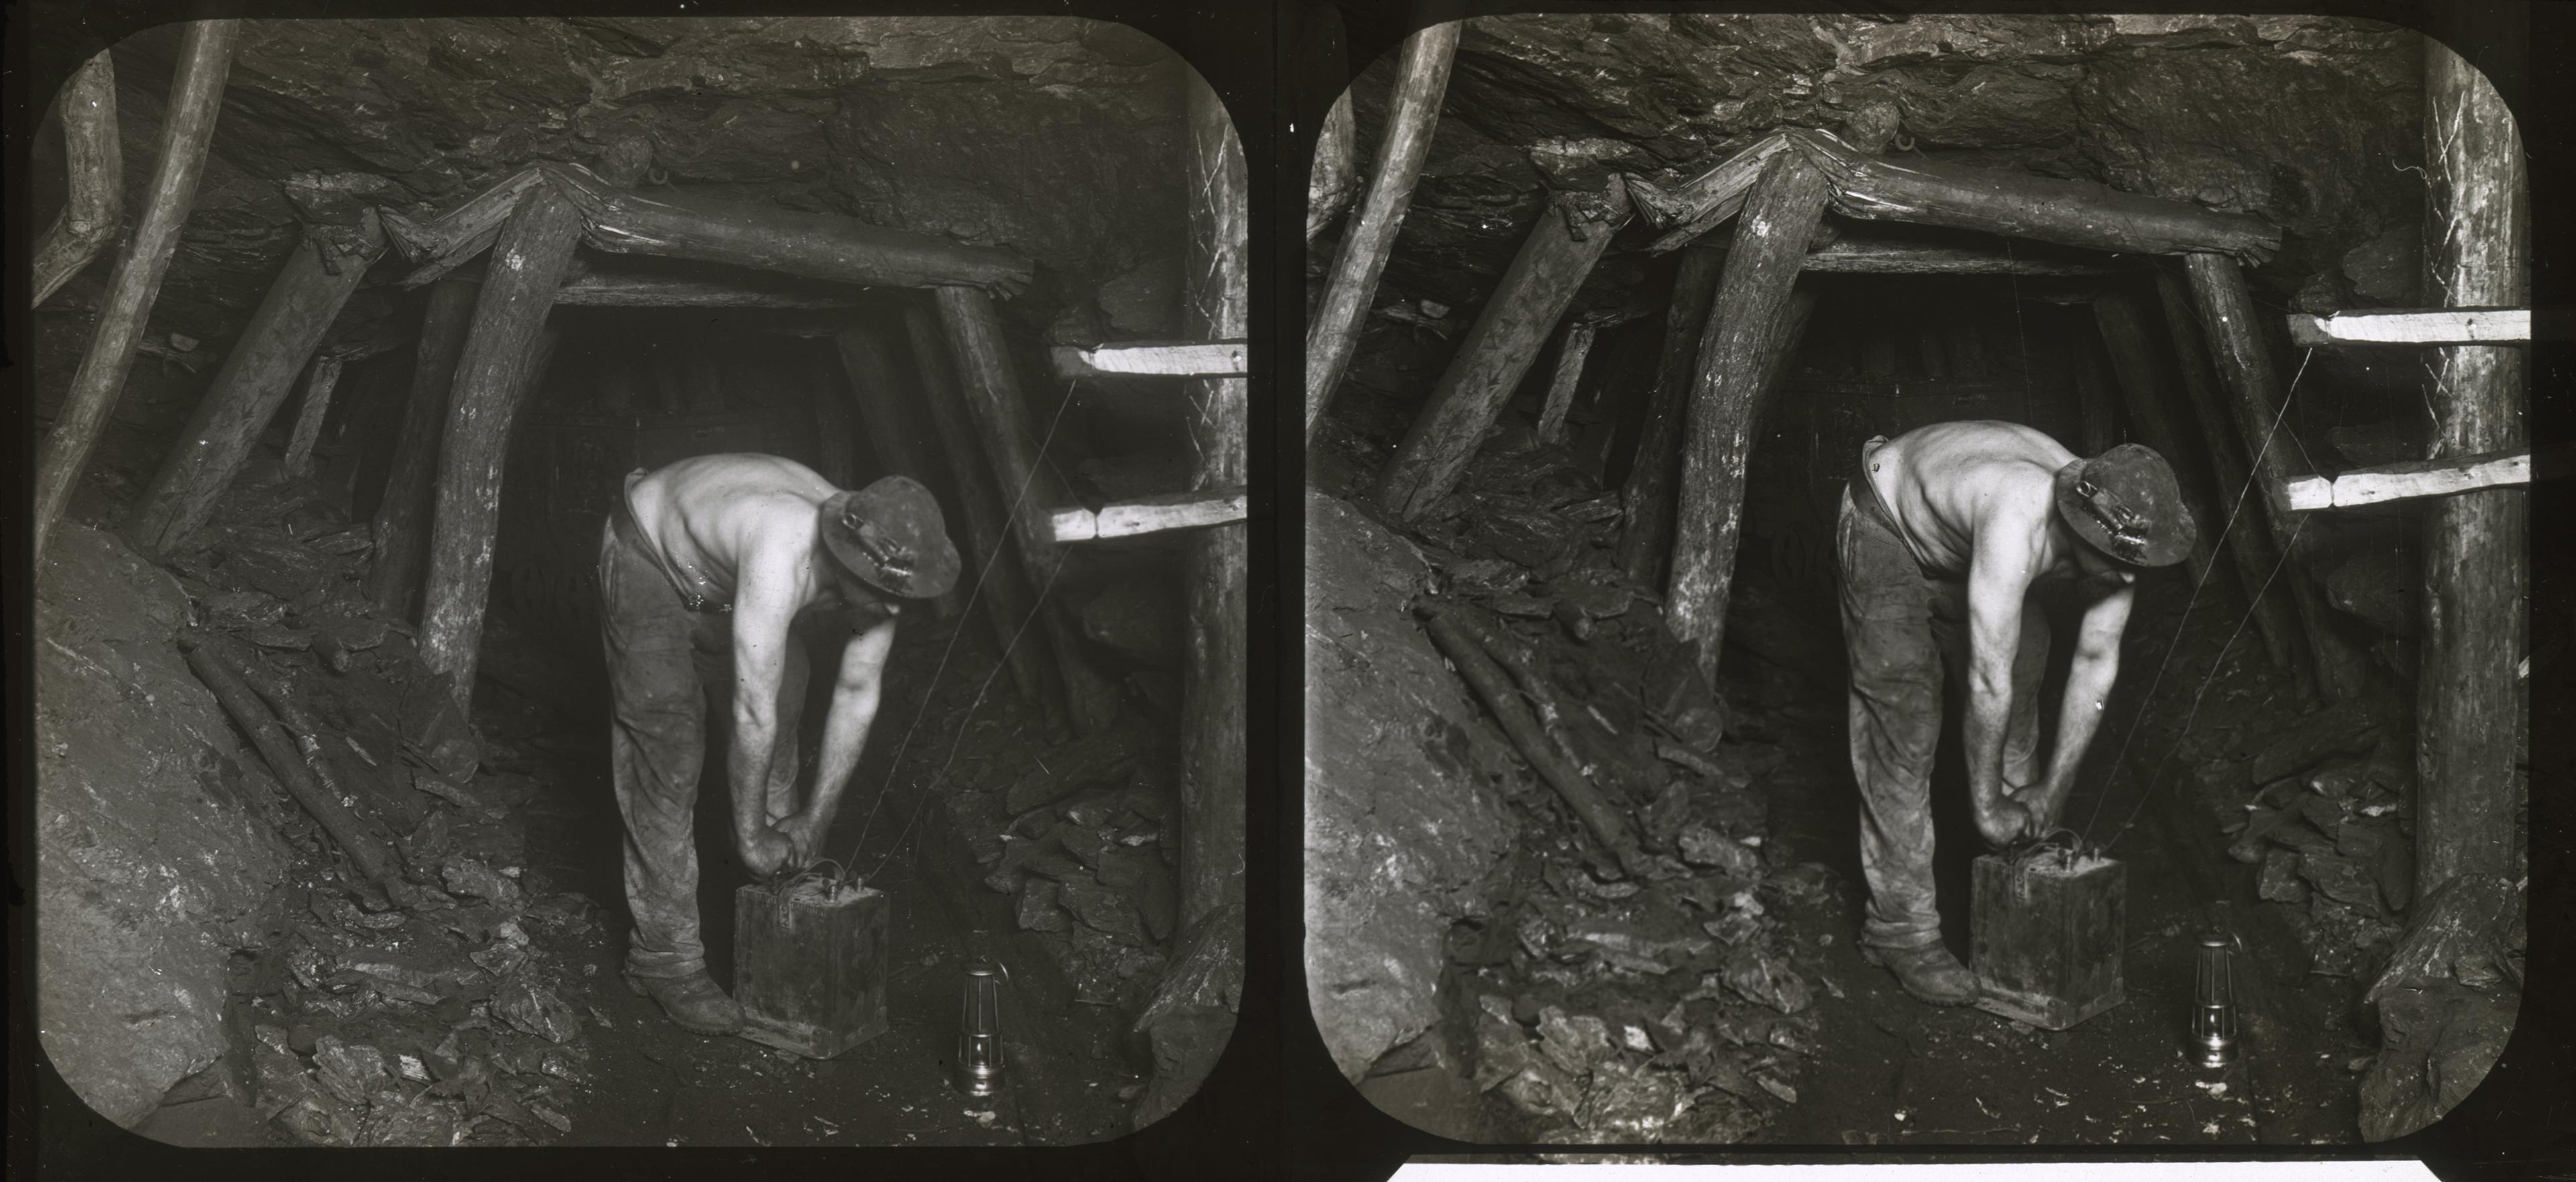 Mineur de fond transportant une caisse de dynamite : négatif sur plaque de verre, Lens (Pas-de-Calais), fin XIXe - début XXe siècles.